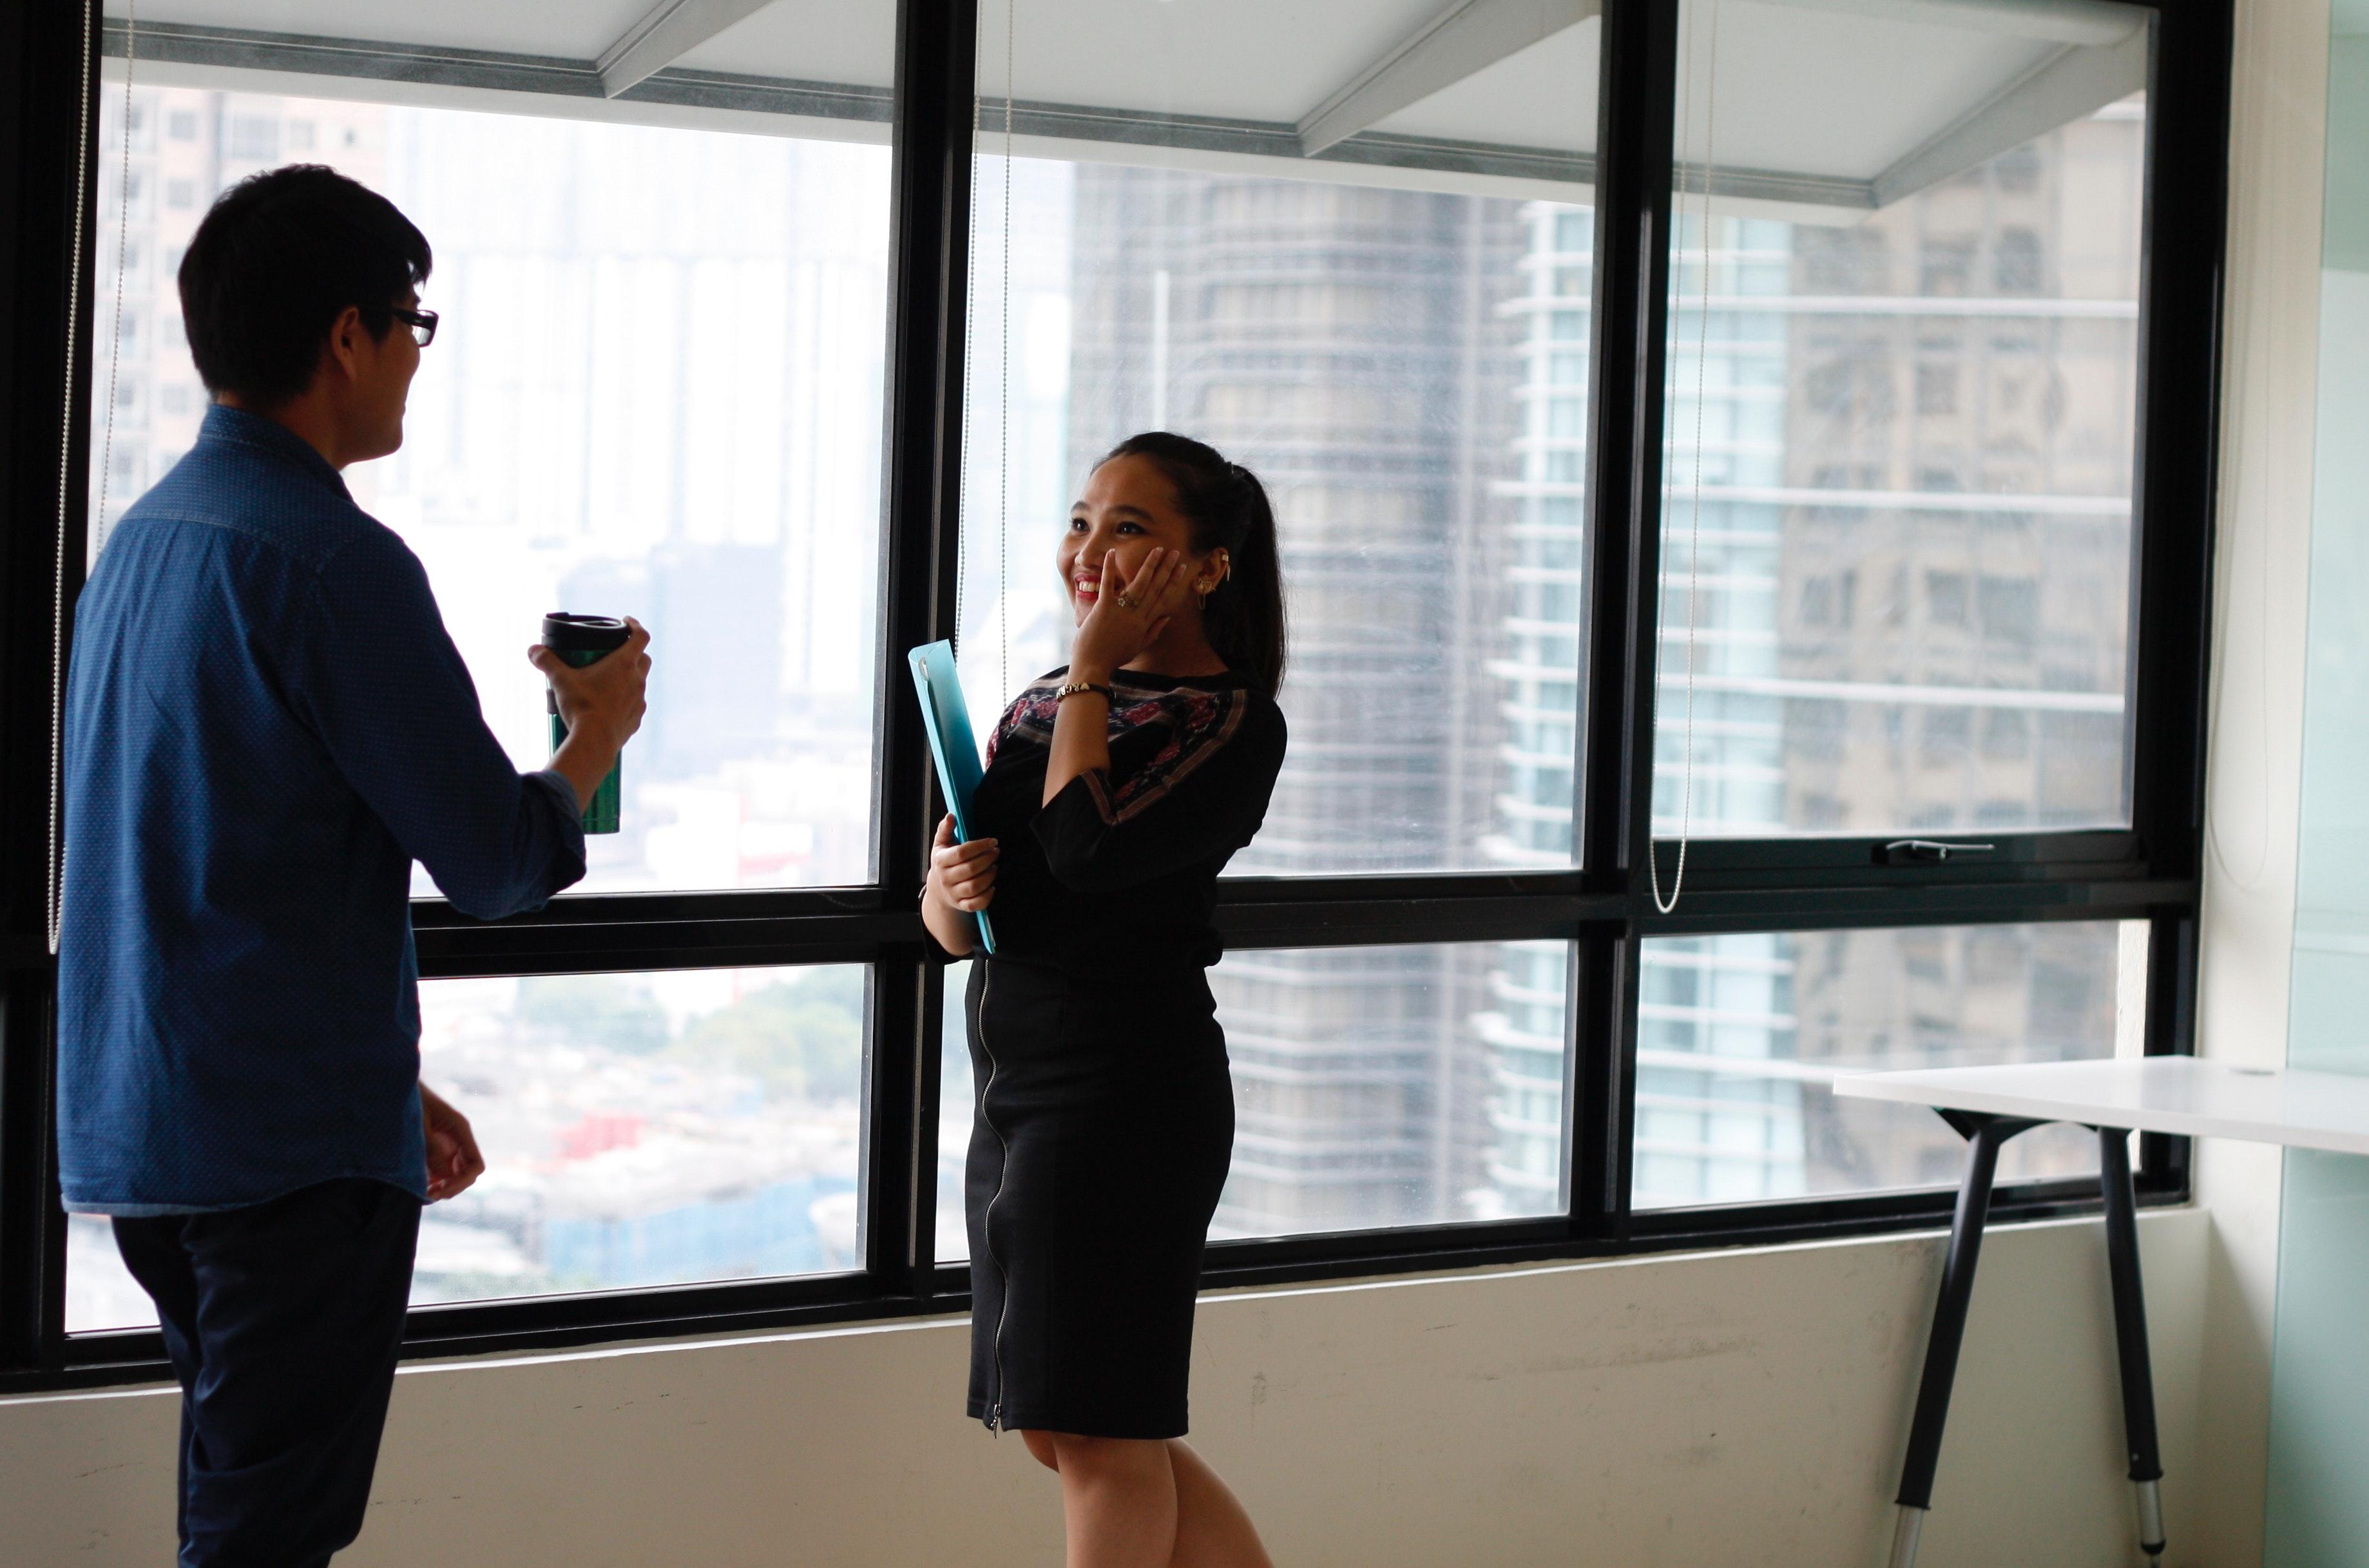 man woman talking in office near window